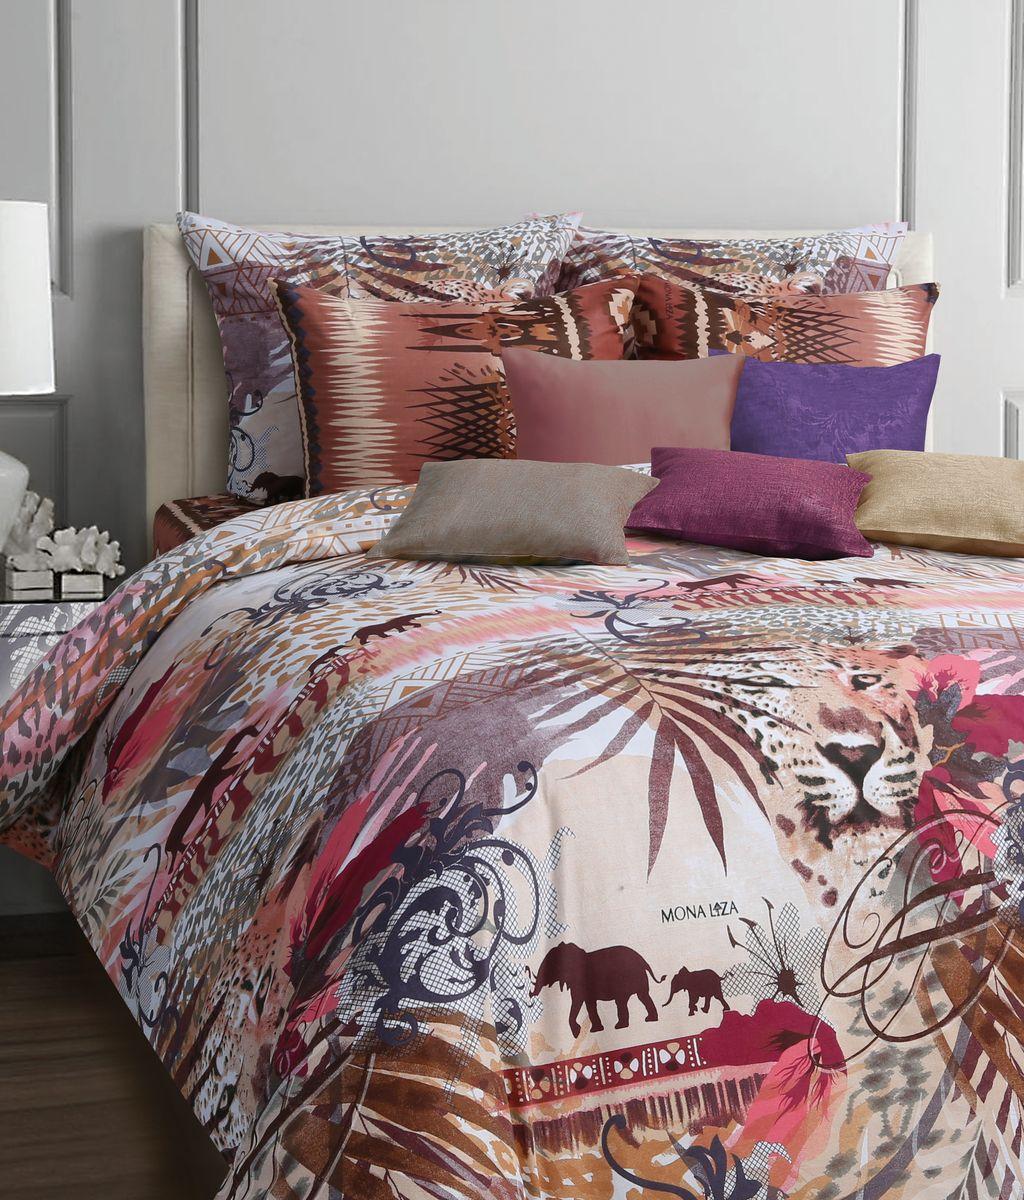 Комплект белья Mona Liza Safari, 1,5-спальное, наволочки 70x70, цвет: коричневый551114/21Коллекция постельного белья MONA LIZA Classic поражает многообразием дизайнов. Среди них легко подобрать необходимый рисунок, который создаст в доме уют. Комплекты выполнены из бязи 100 % хлопка.